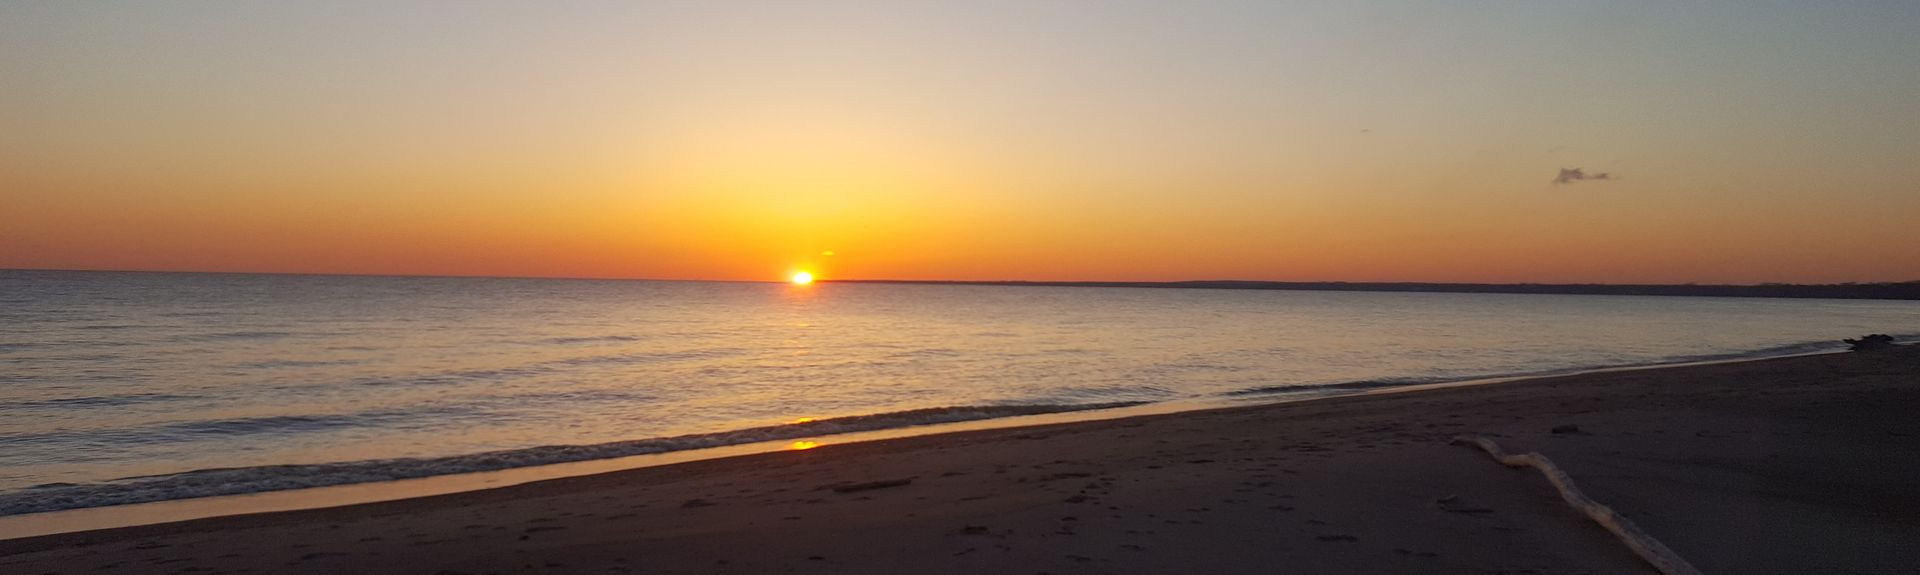 Sandusky Bay, Ohio, USA